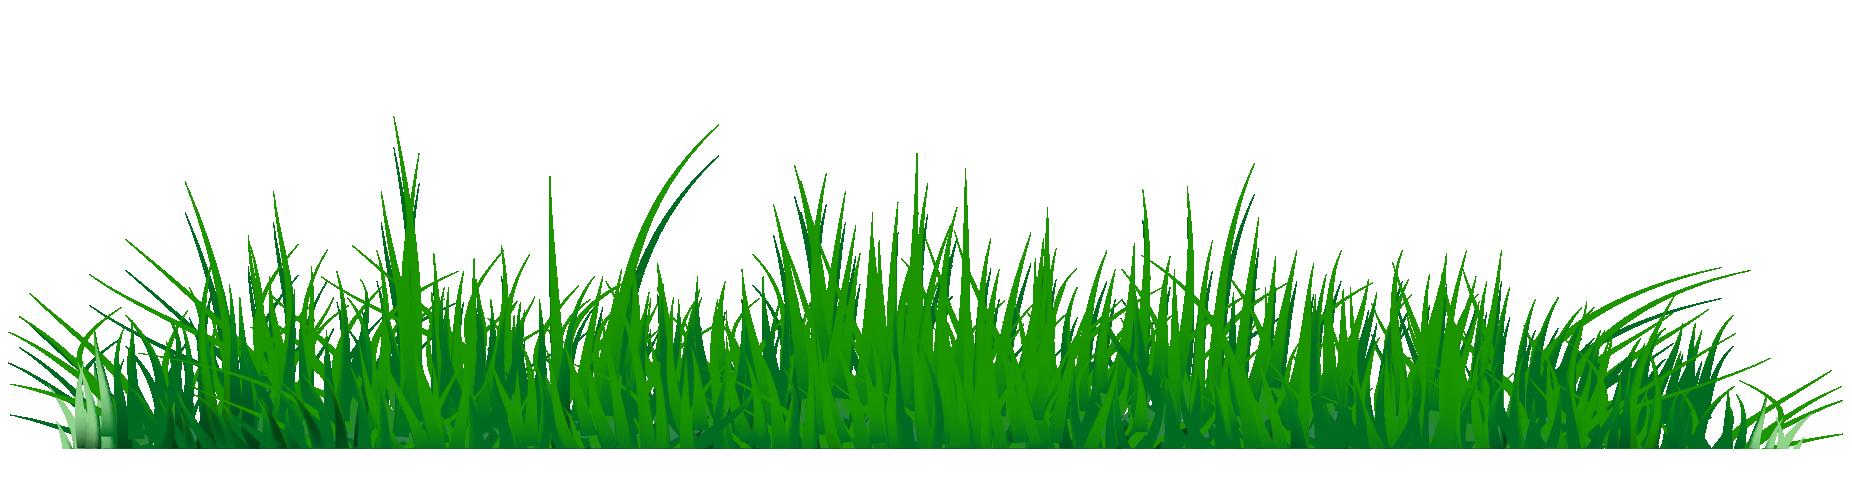 82+ Grass Clipart.